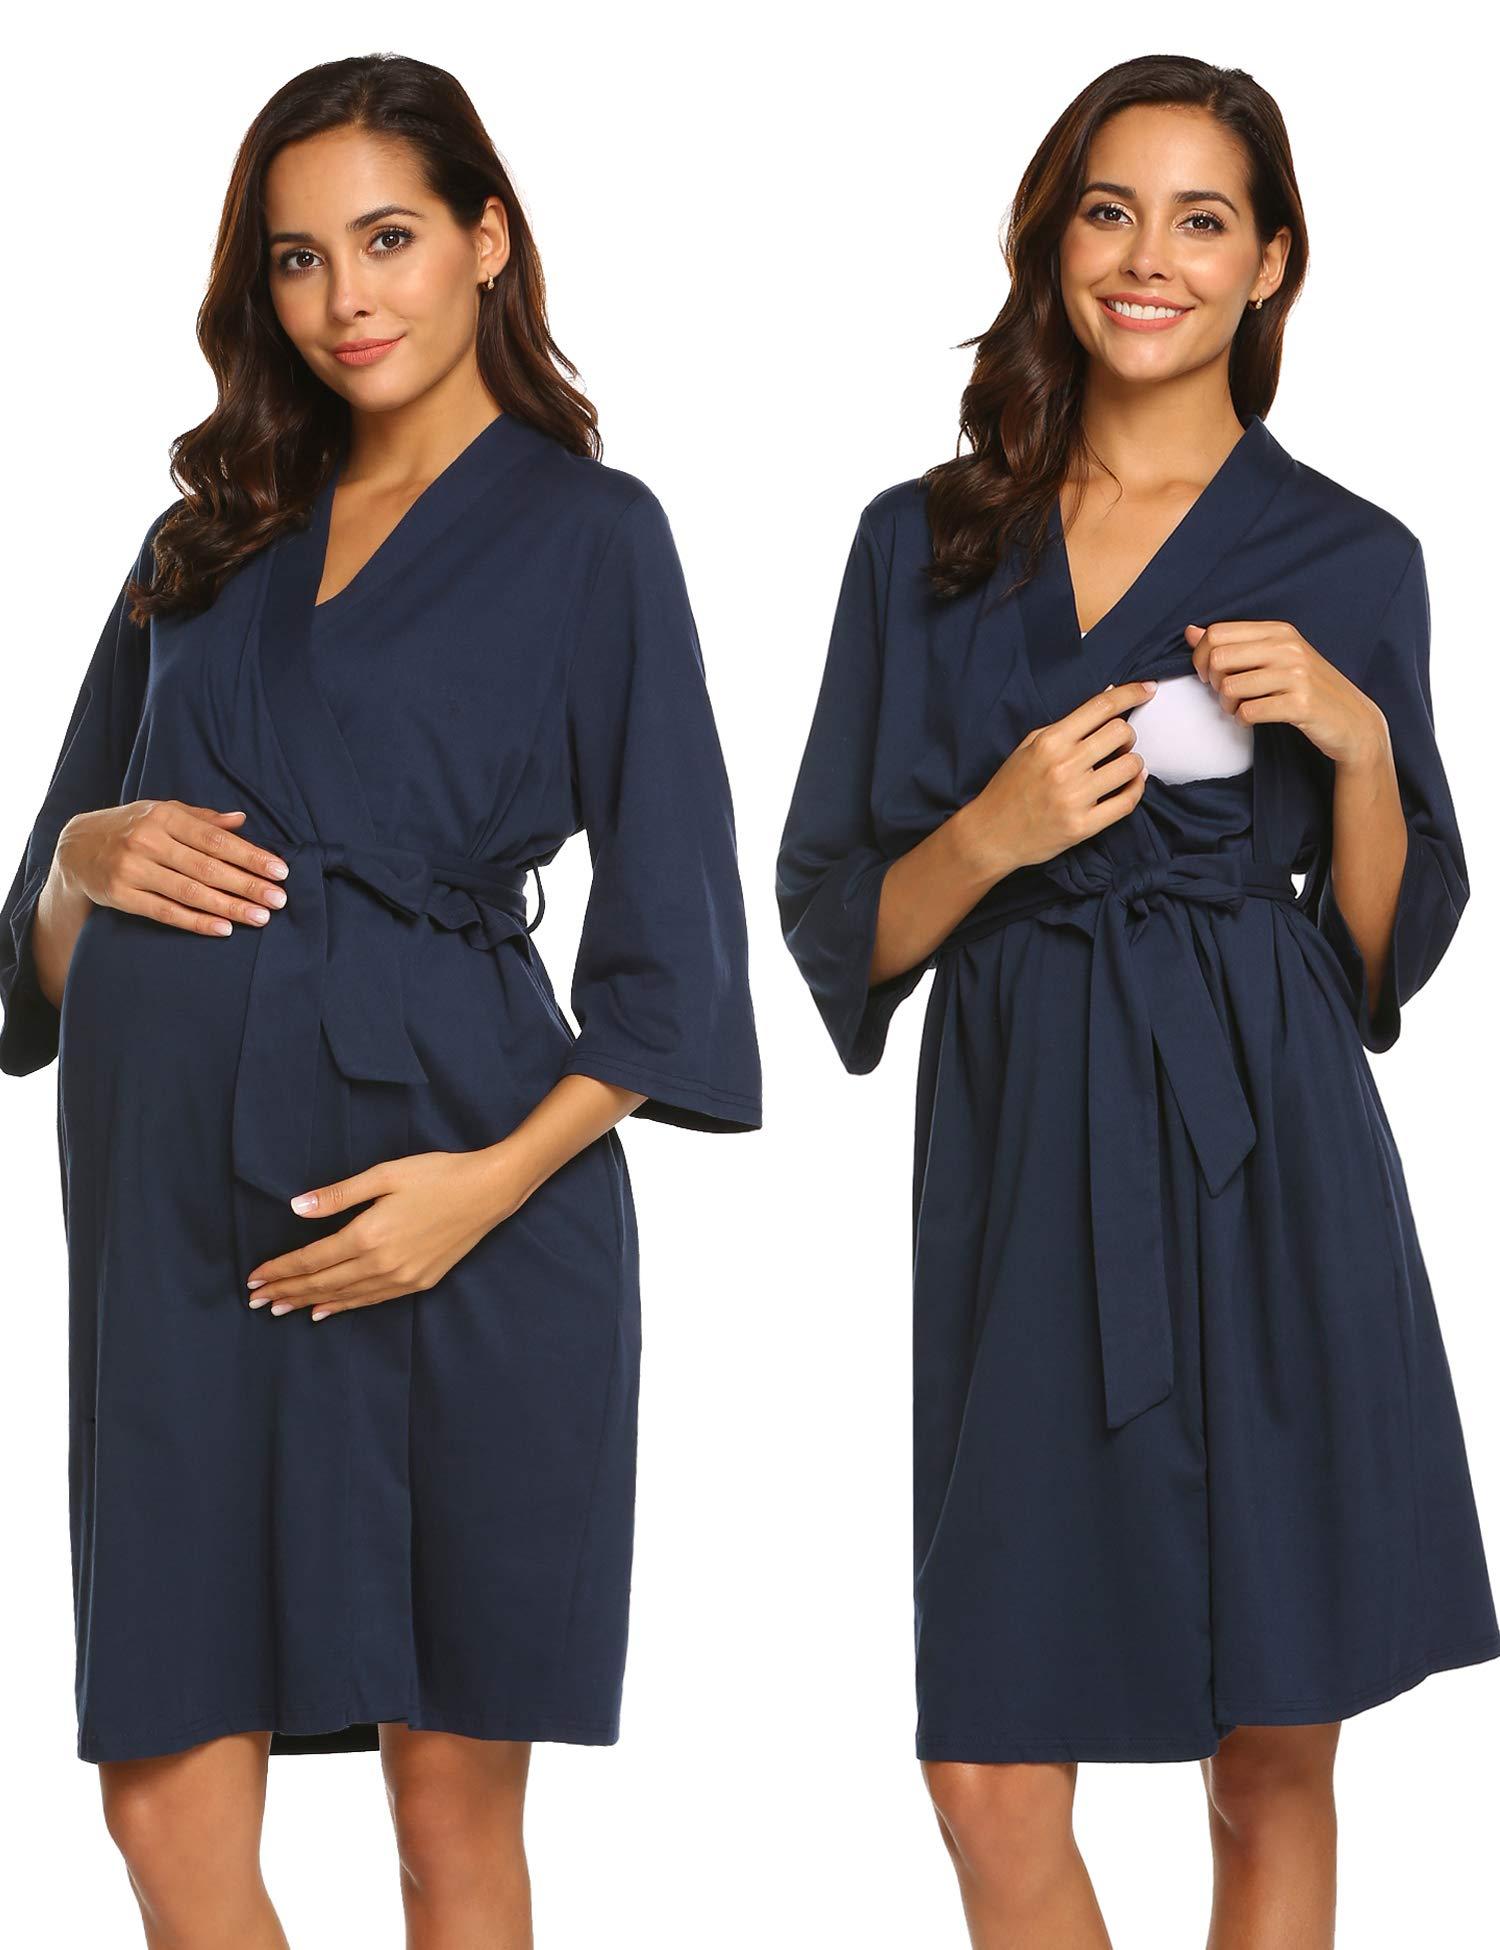 Ekouaer Womens Robe Long Sleeve Bathrobe Maternity Nursing Sleepwear Nightwear by Ekouaer